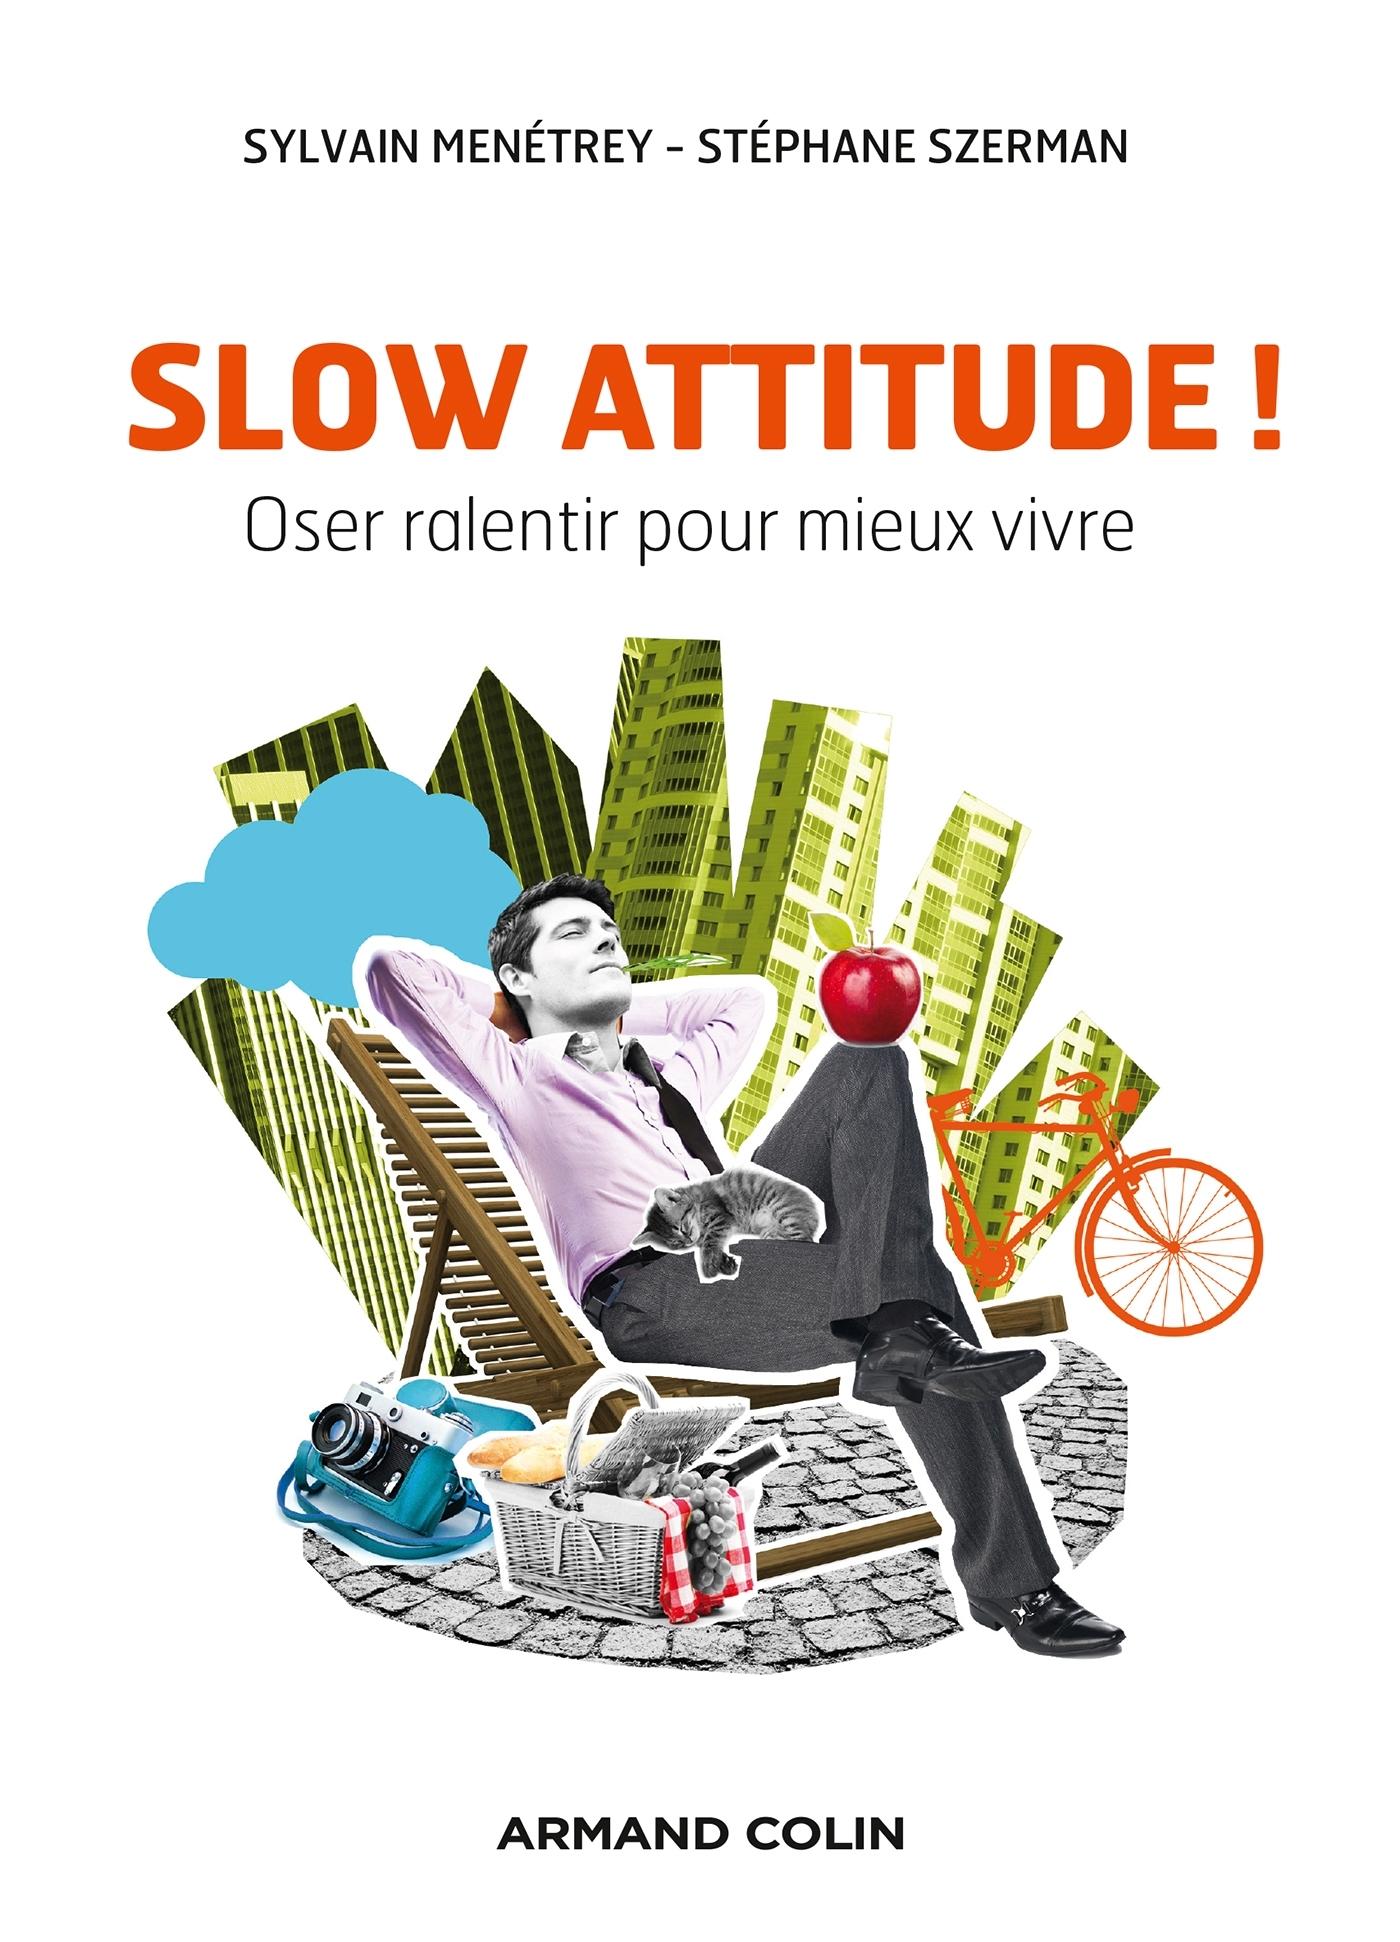 SLOW ATTITUDE ! OSER RALENTIR POUR MIEUX VIVRE